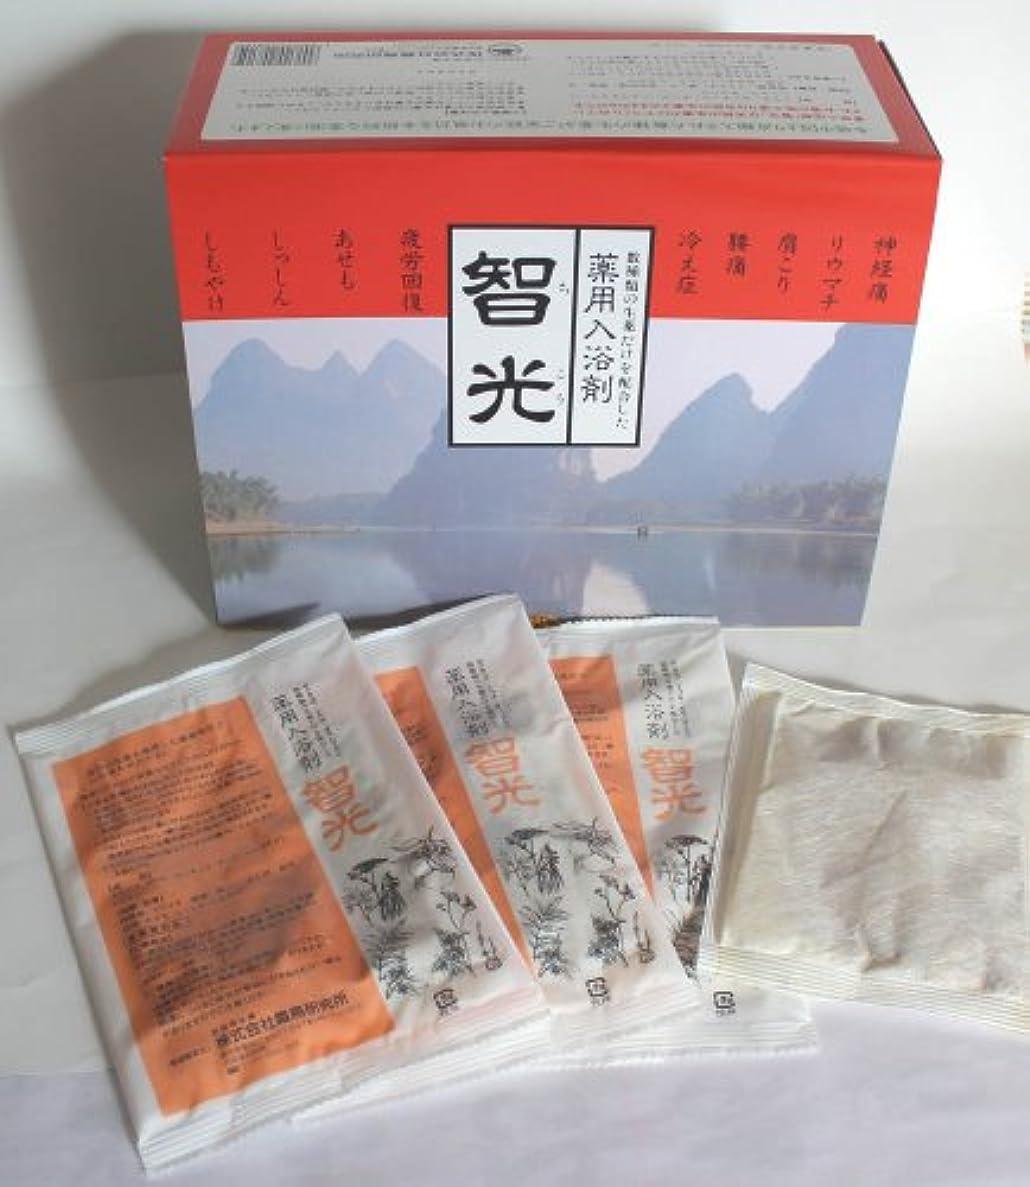 ブラウザ洋服衣装薬用入浴剤 智光 (25g×32包入り)化粧箱なし